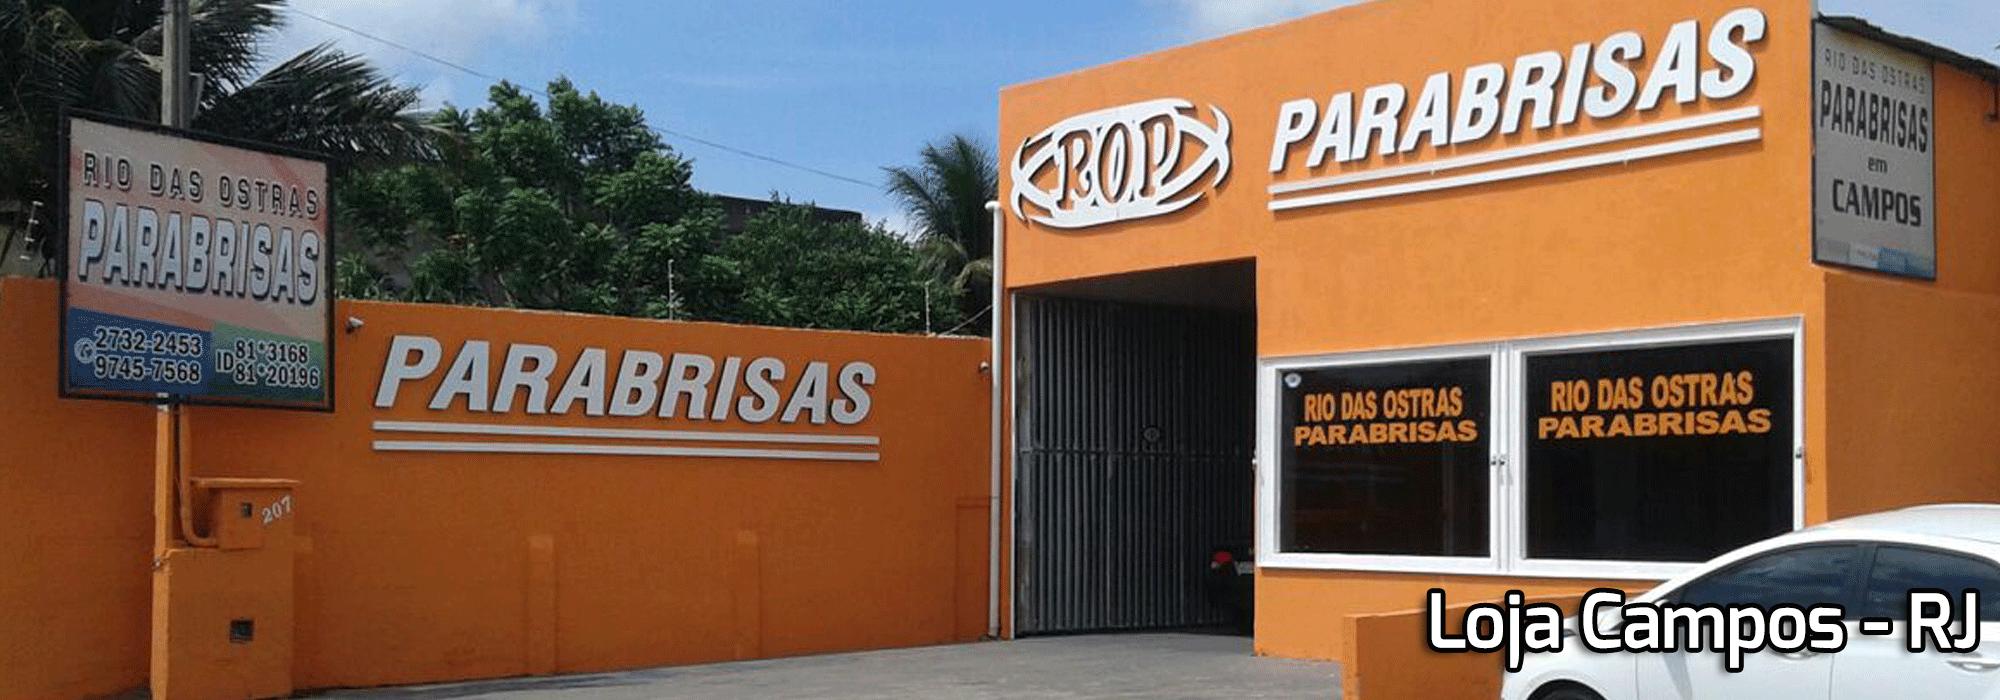 Loja Artesanato Rio Das Ostras ~ Rio das Ostras Parabrisas Rio das Ostras, Macaé e Campos